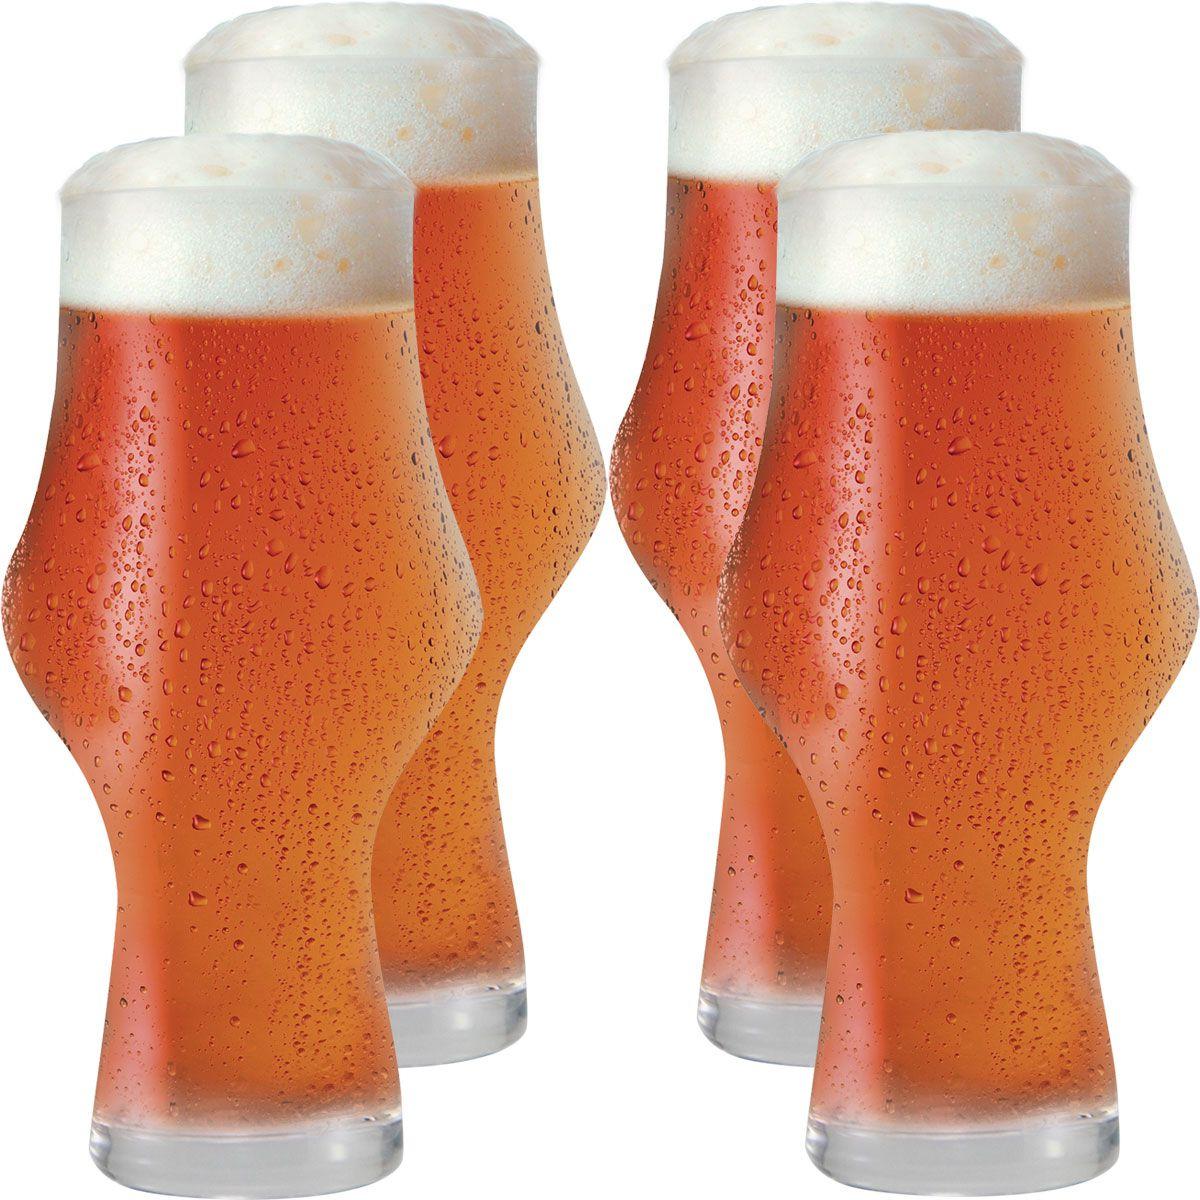 Jogo de Copos de Cerveja Craft Beer Ipa 495ml 4 pcs